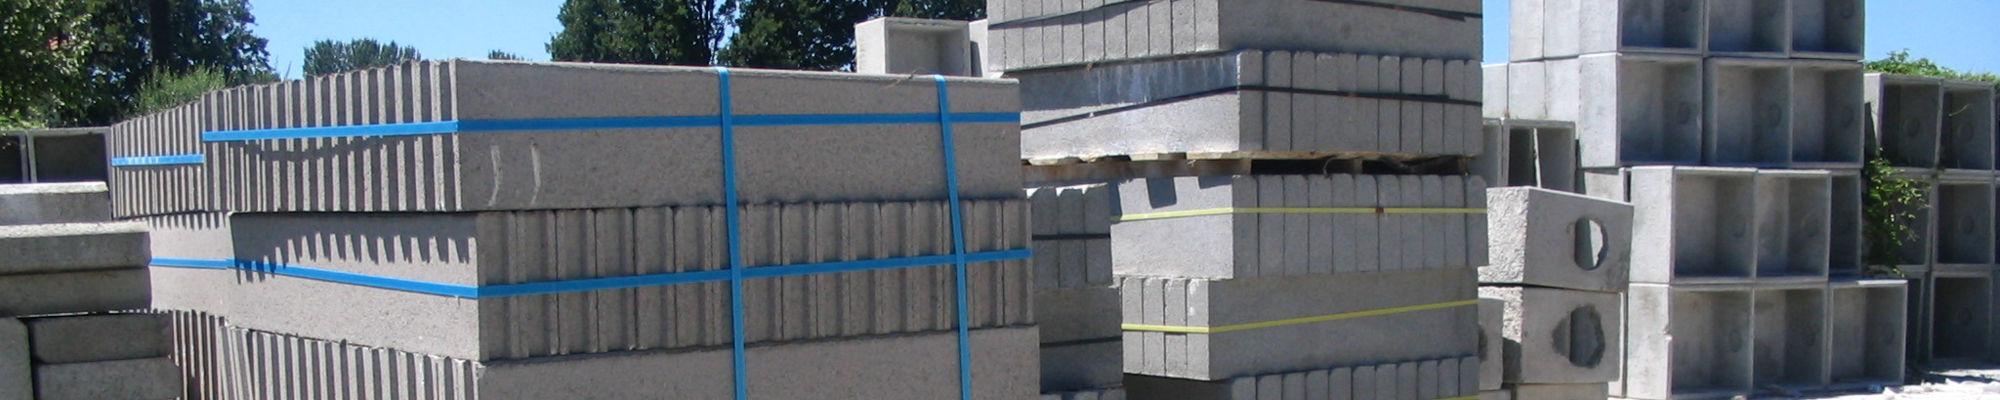 Bertini manufatti in cemento lucca depuratori fosse for Fosse settiche in cemento